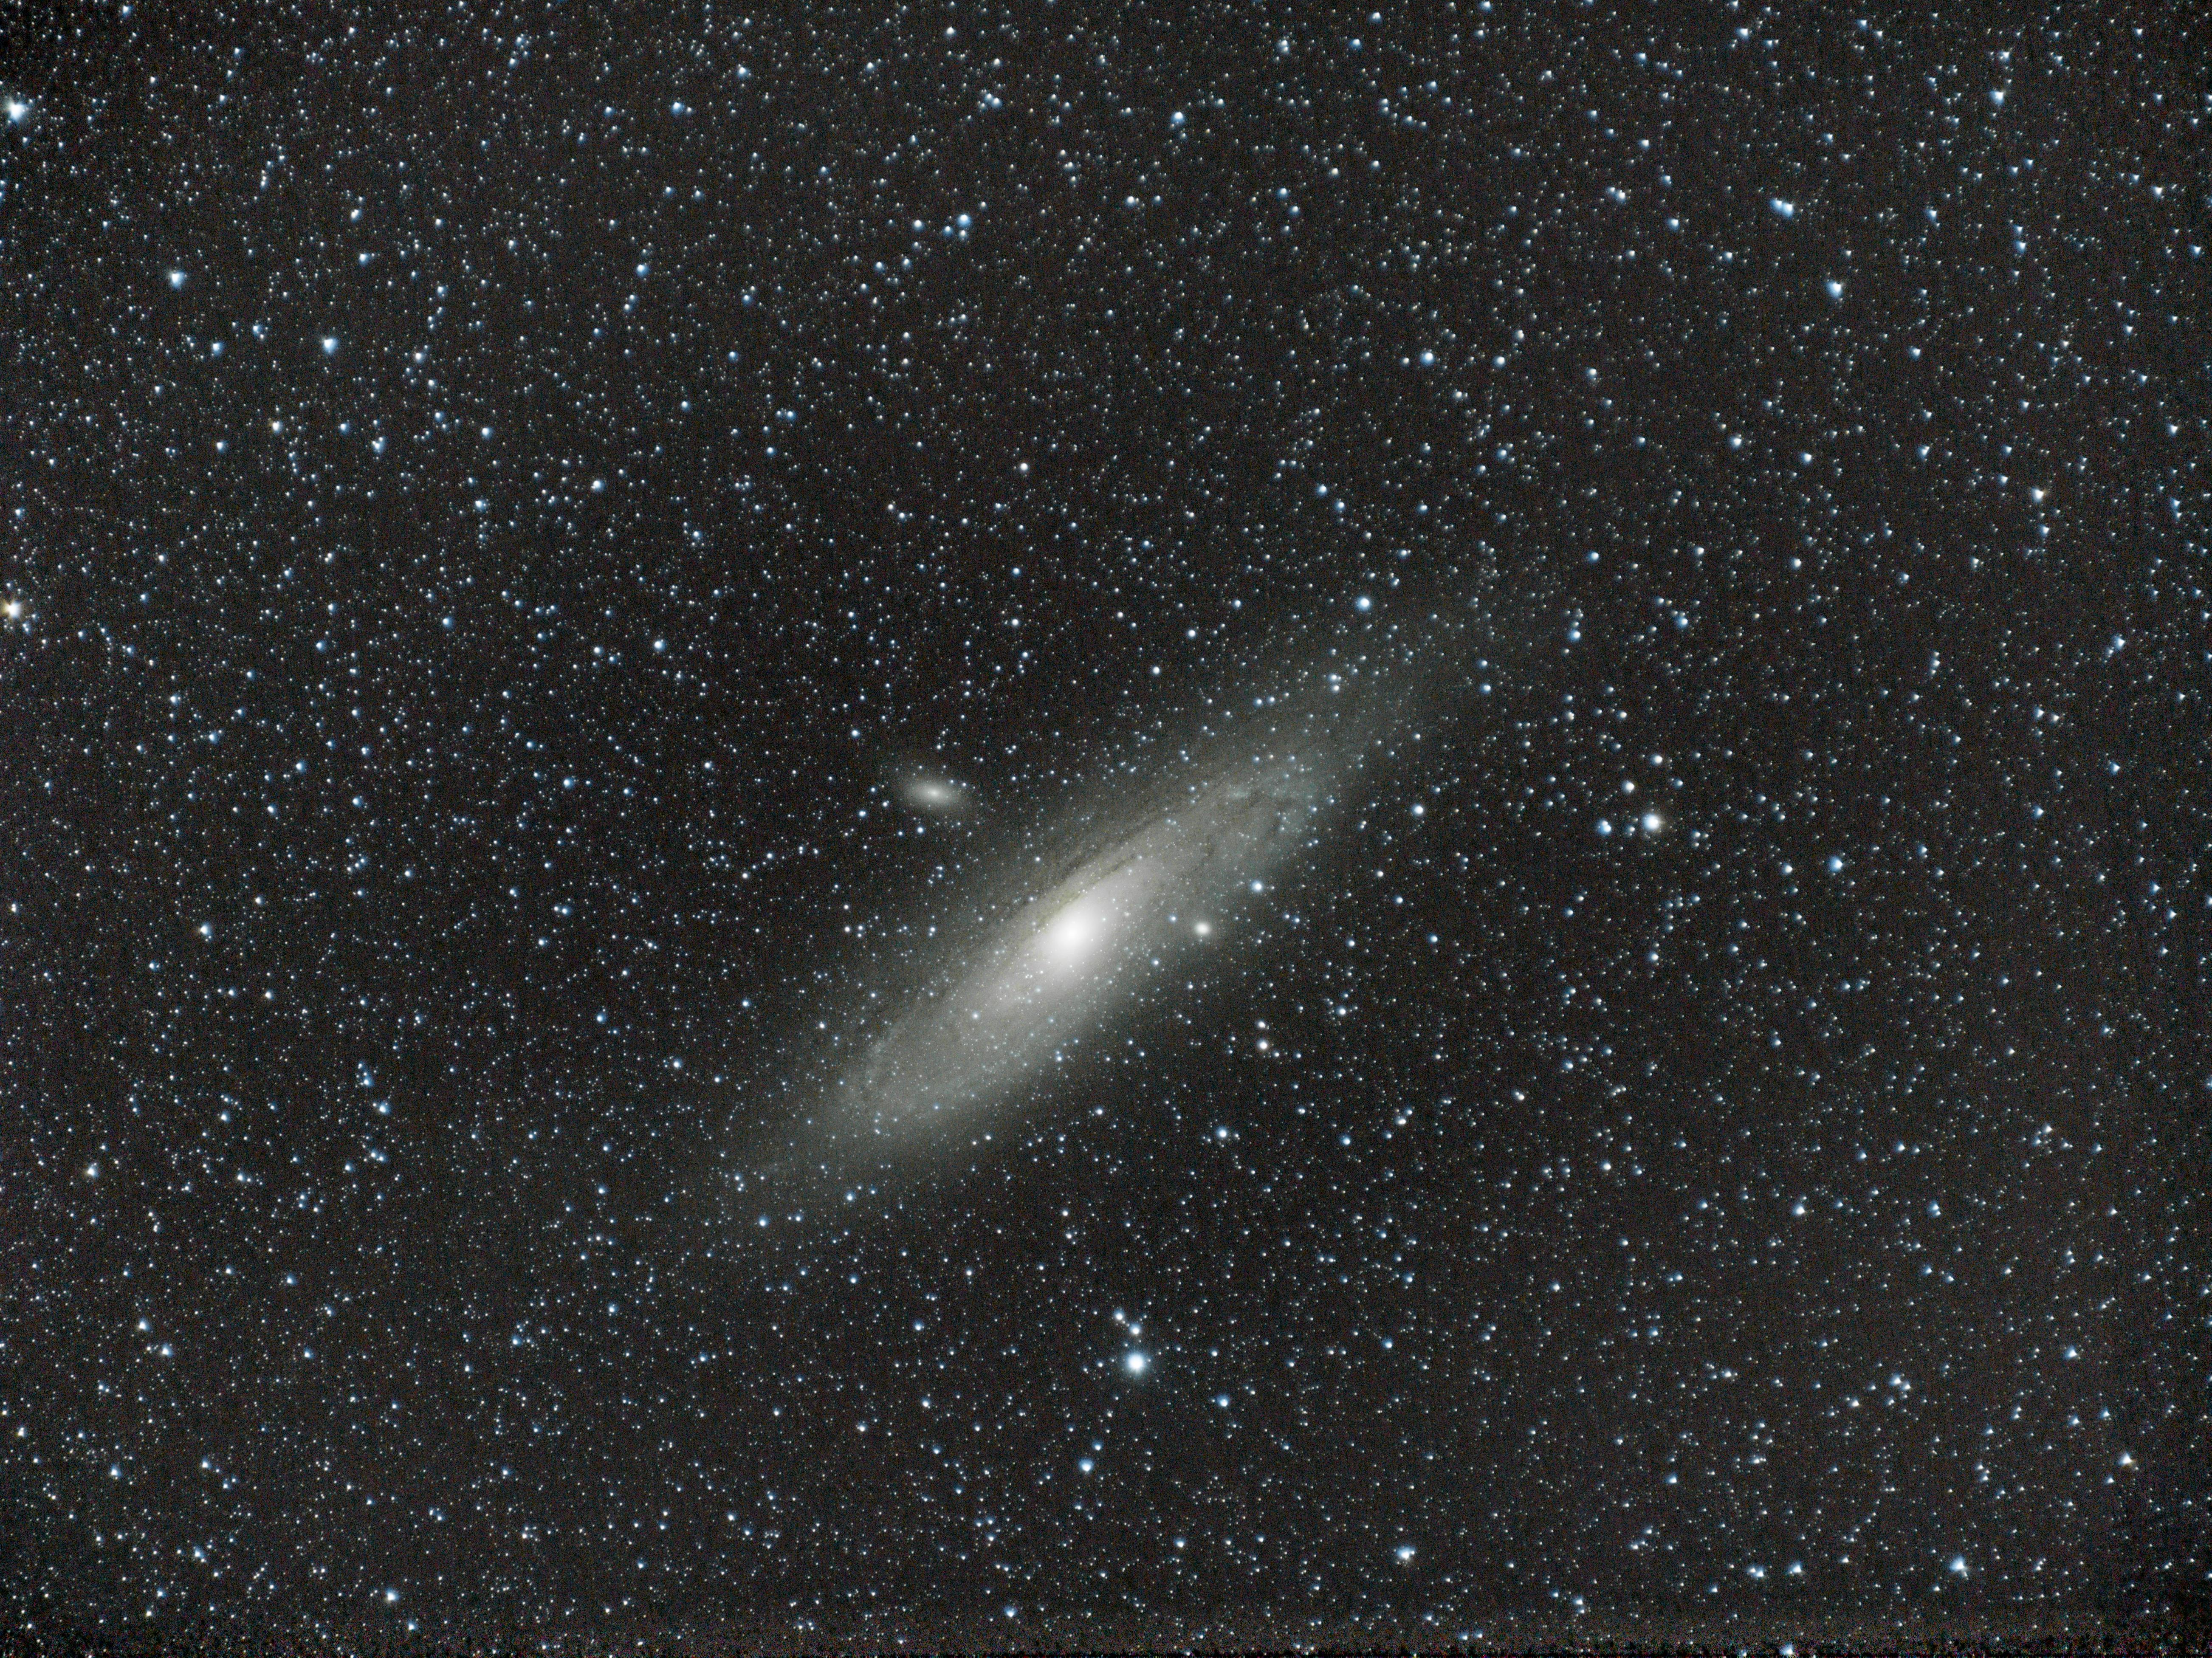 M31 - Voisine galactique Picture-bcfba7669178f8f659bd0d549182a020-original